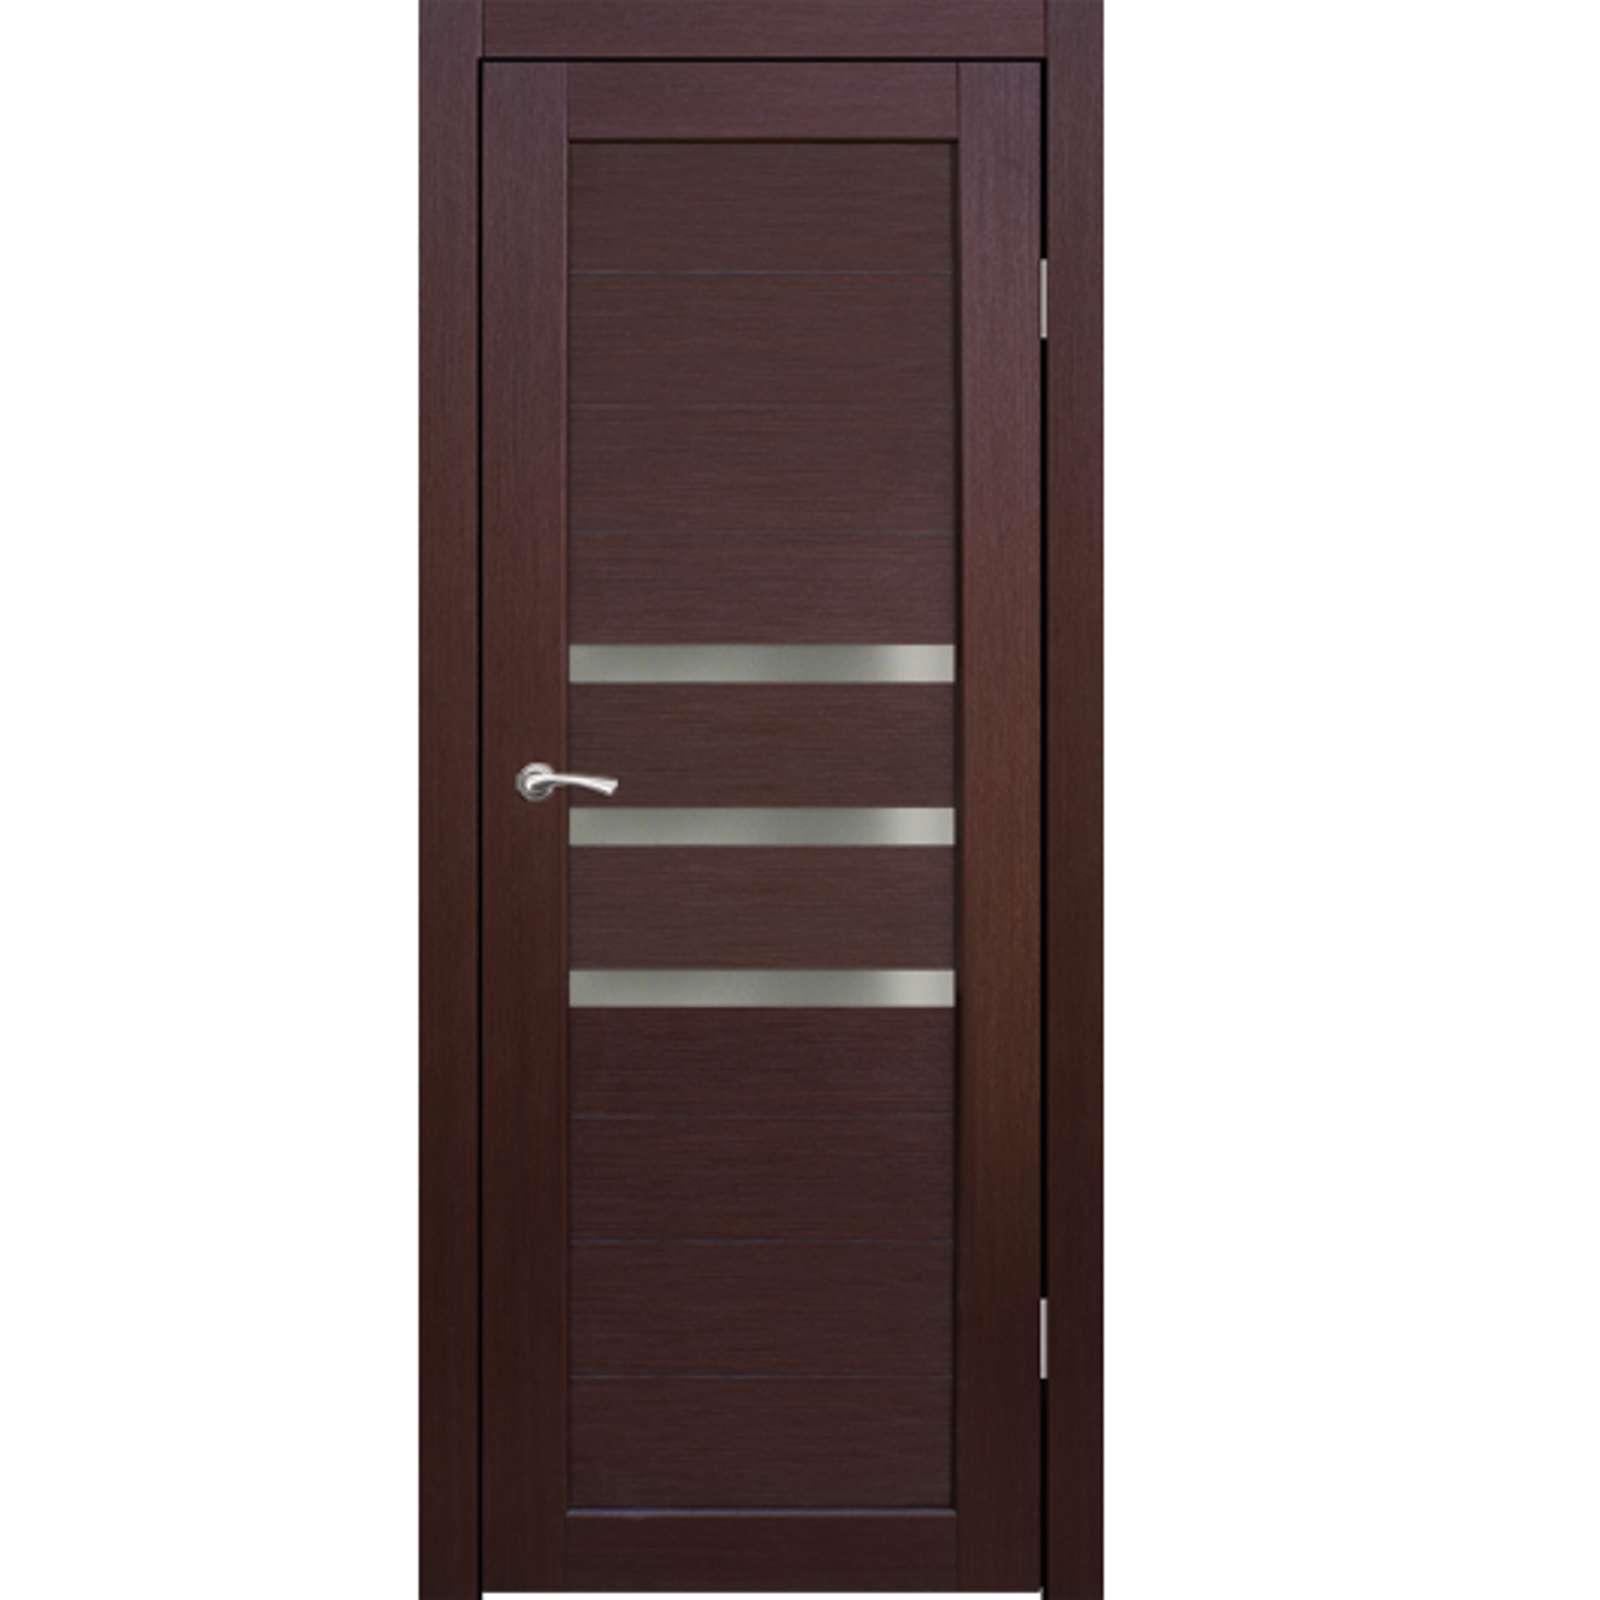 Полотно дверное остекленное Грация (стекло сатин бронза) СИНЕРЖИ ноче кремоне ПВХ, ПДО 800х2000мм